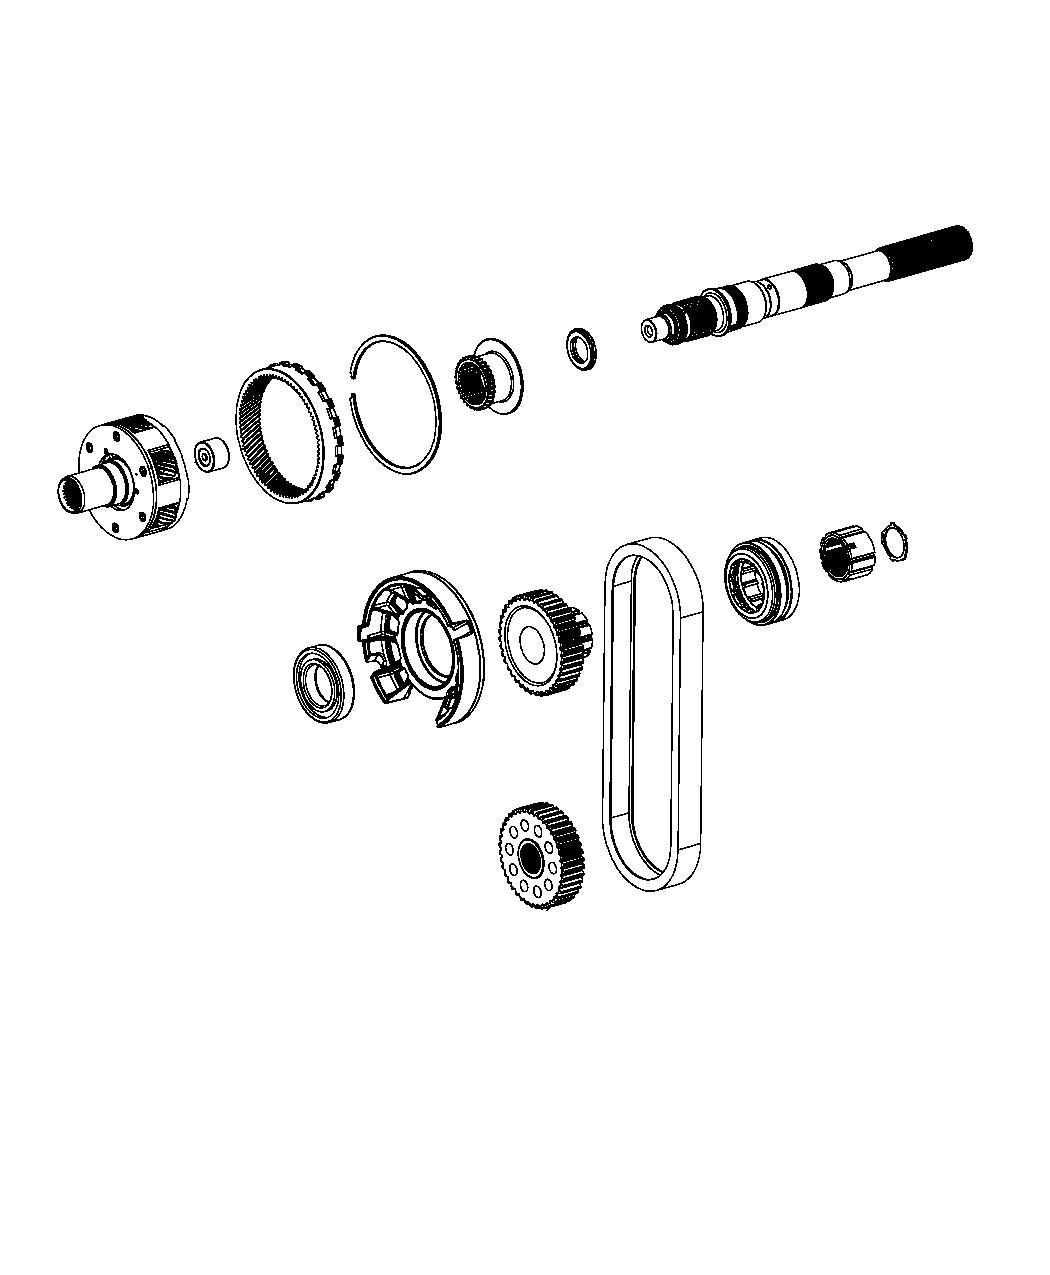 Ram Gear Input